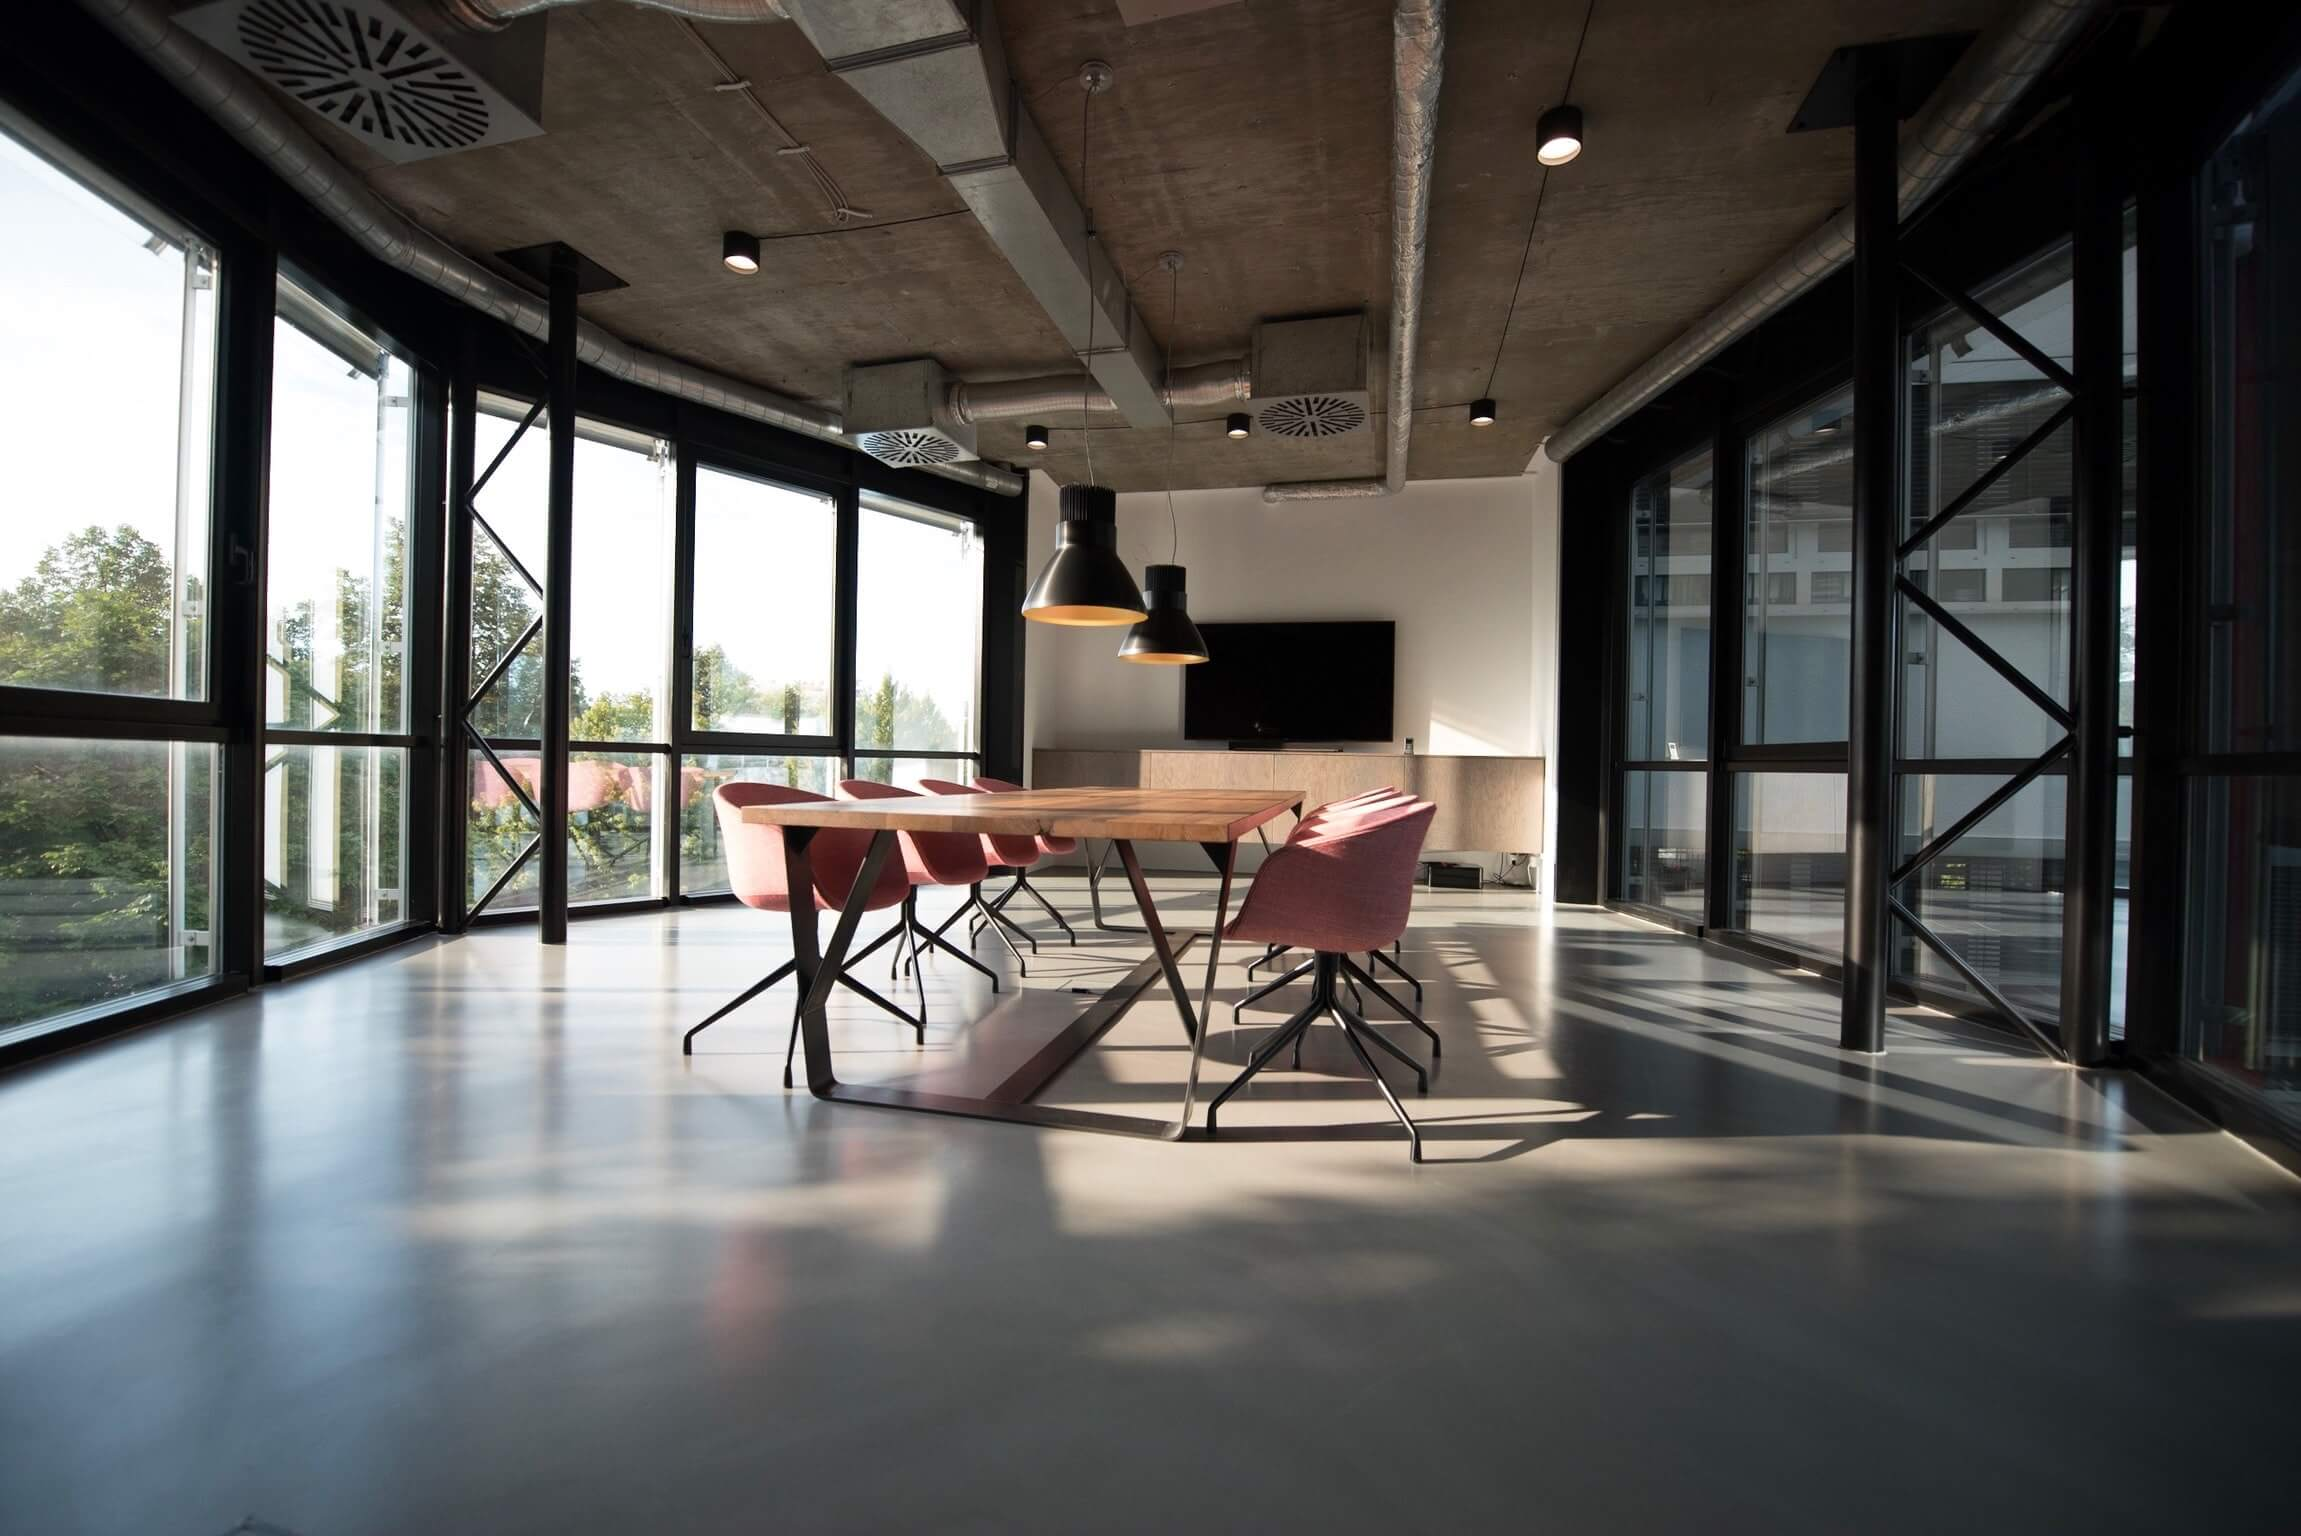 vergaderzaal met glazen wanden en vergadertafel met stoelen